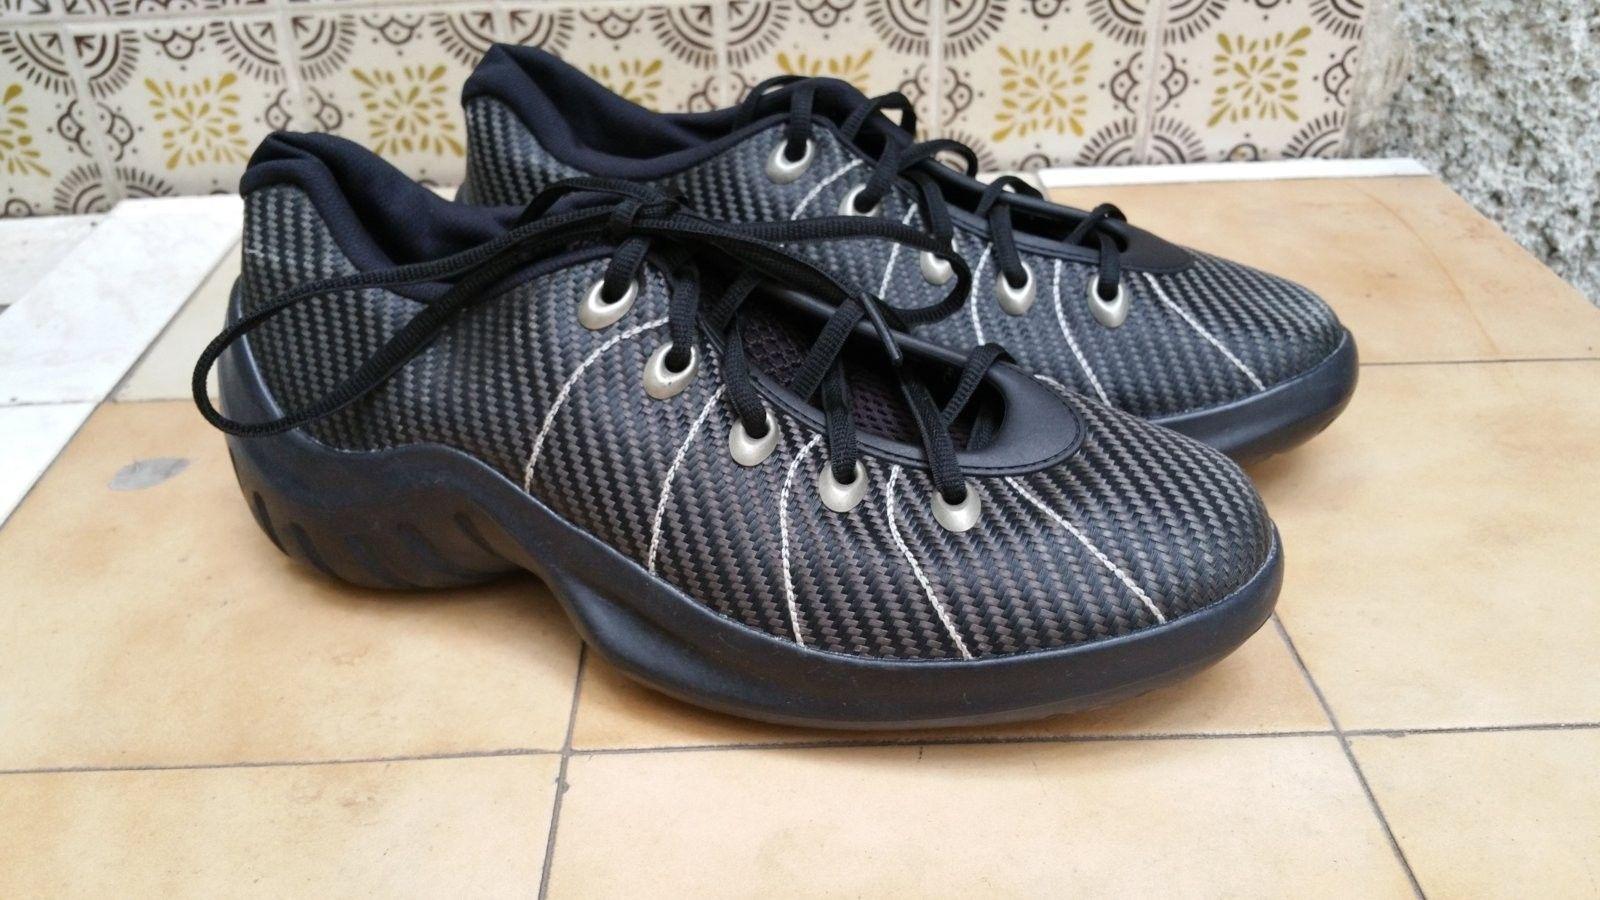 Oakley shoe one 11us size - 20160429_095321.jpg